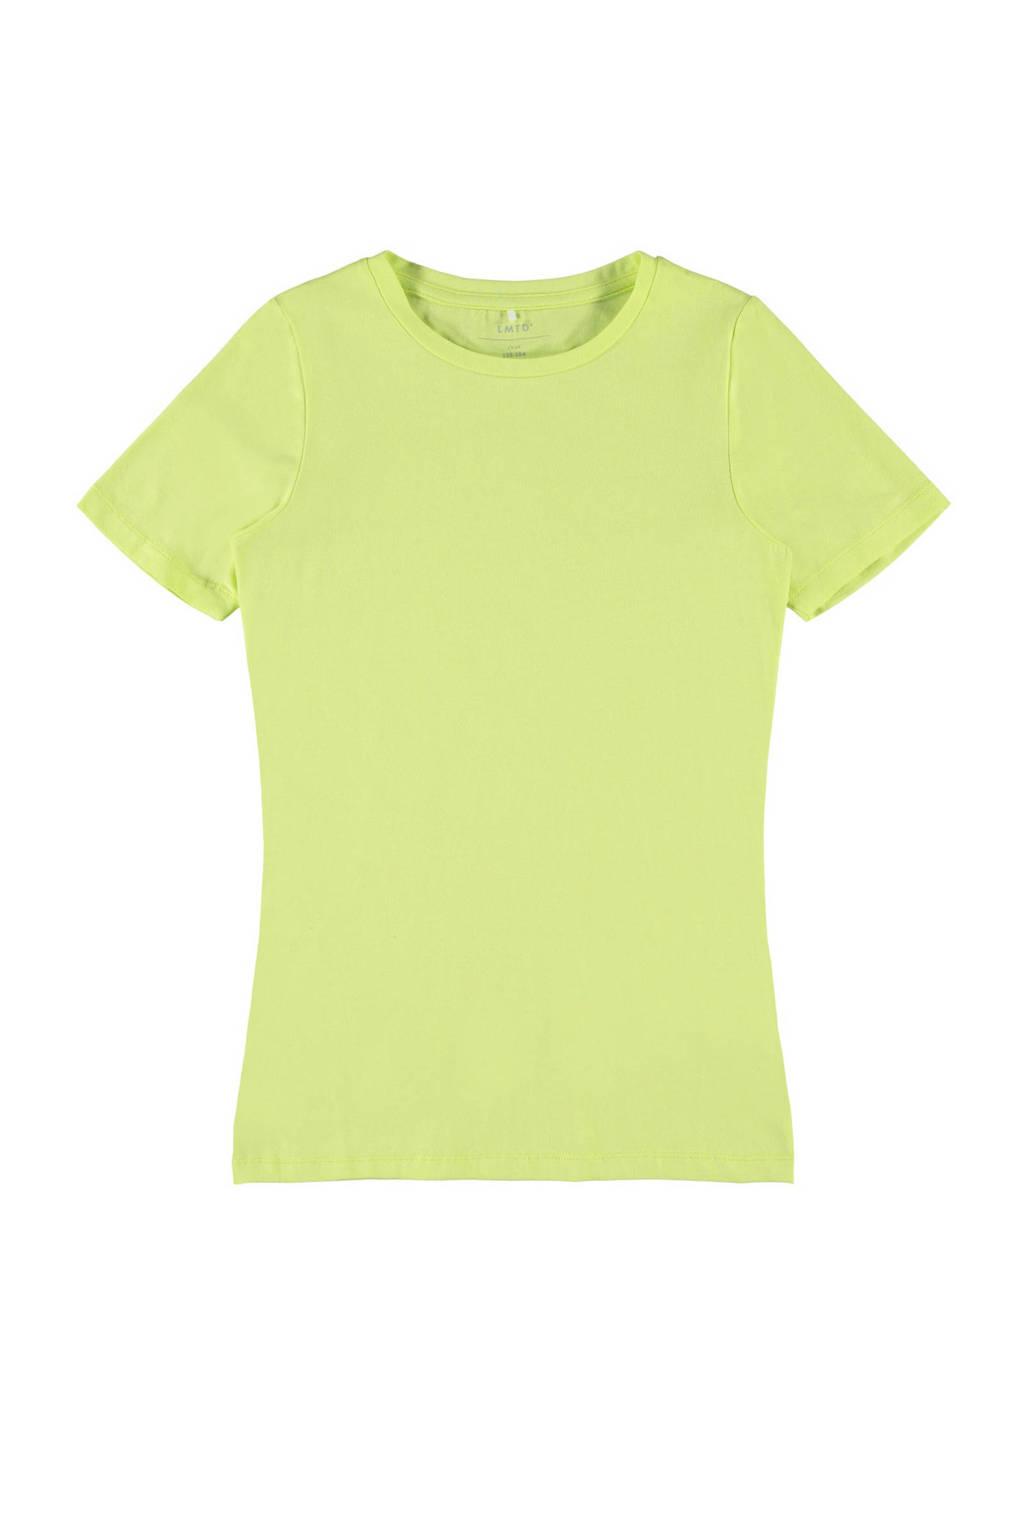 LMTD T-shirt Hannah met biologisch katoen limegroen, Limegroen